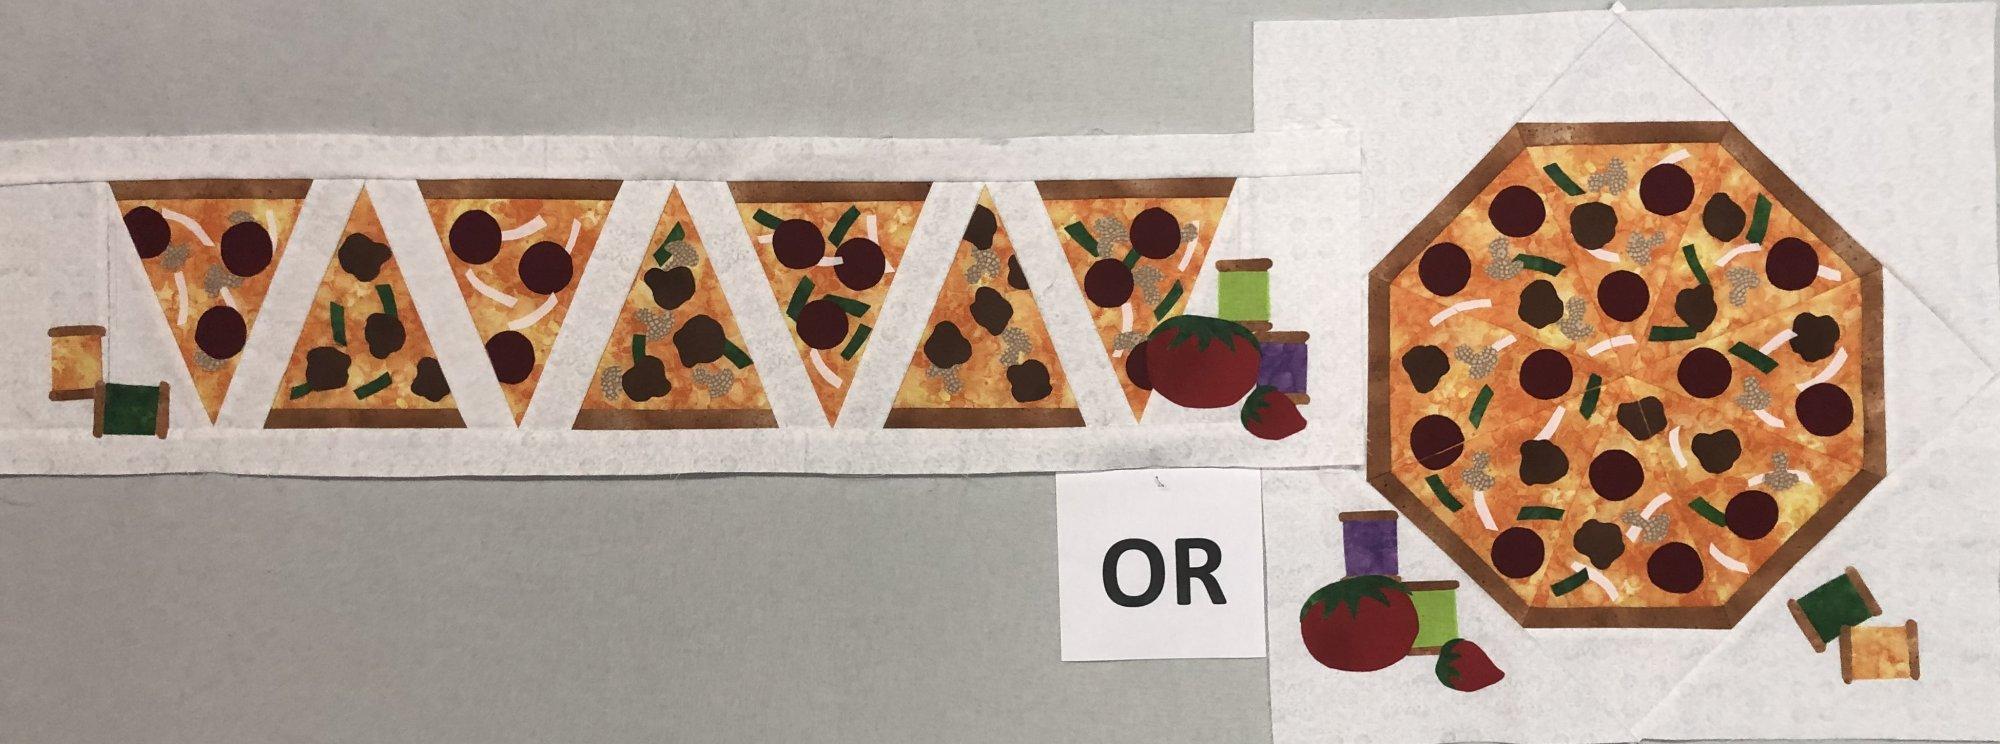 2019 - RxR Pizza Kit